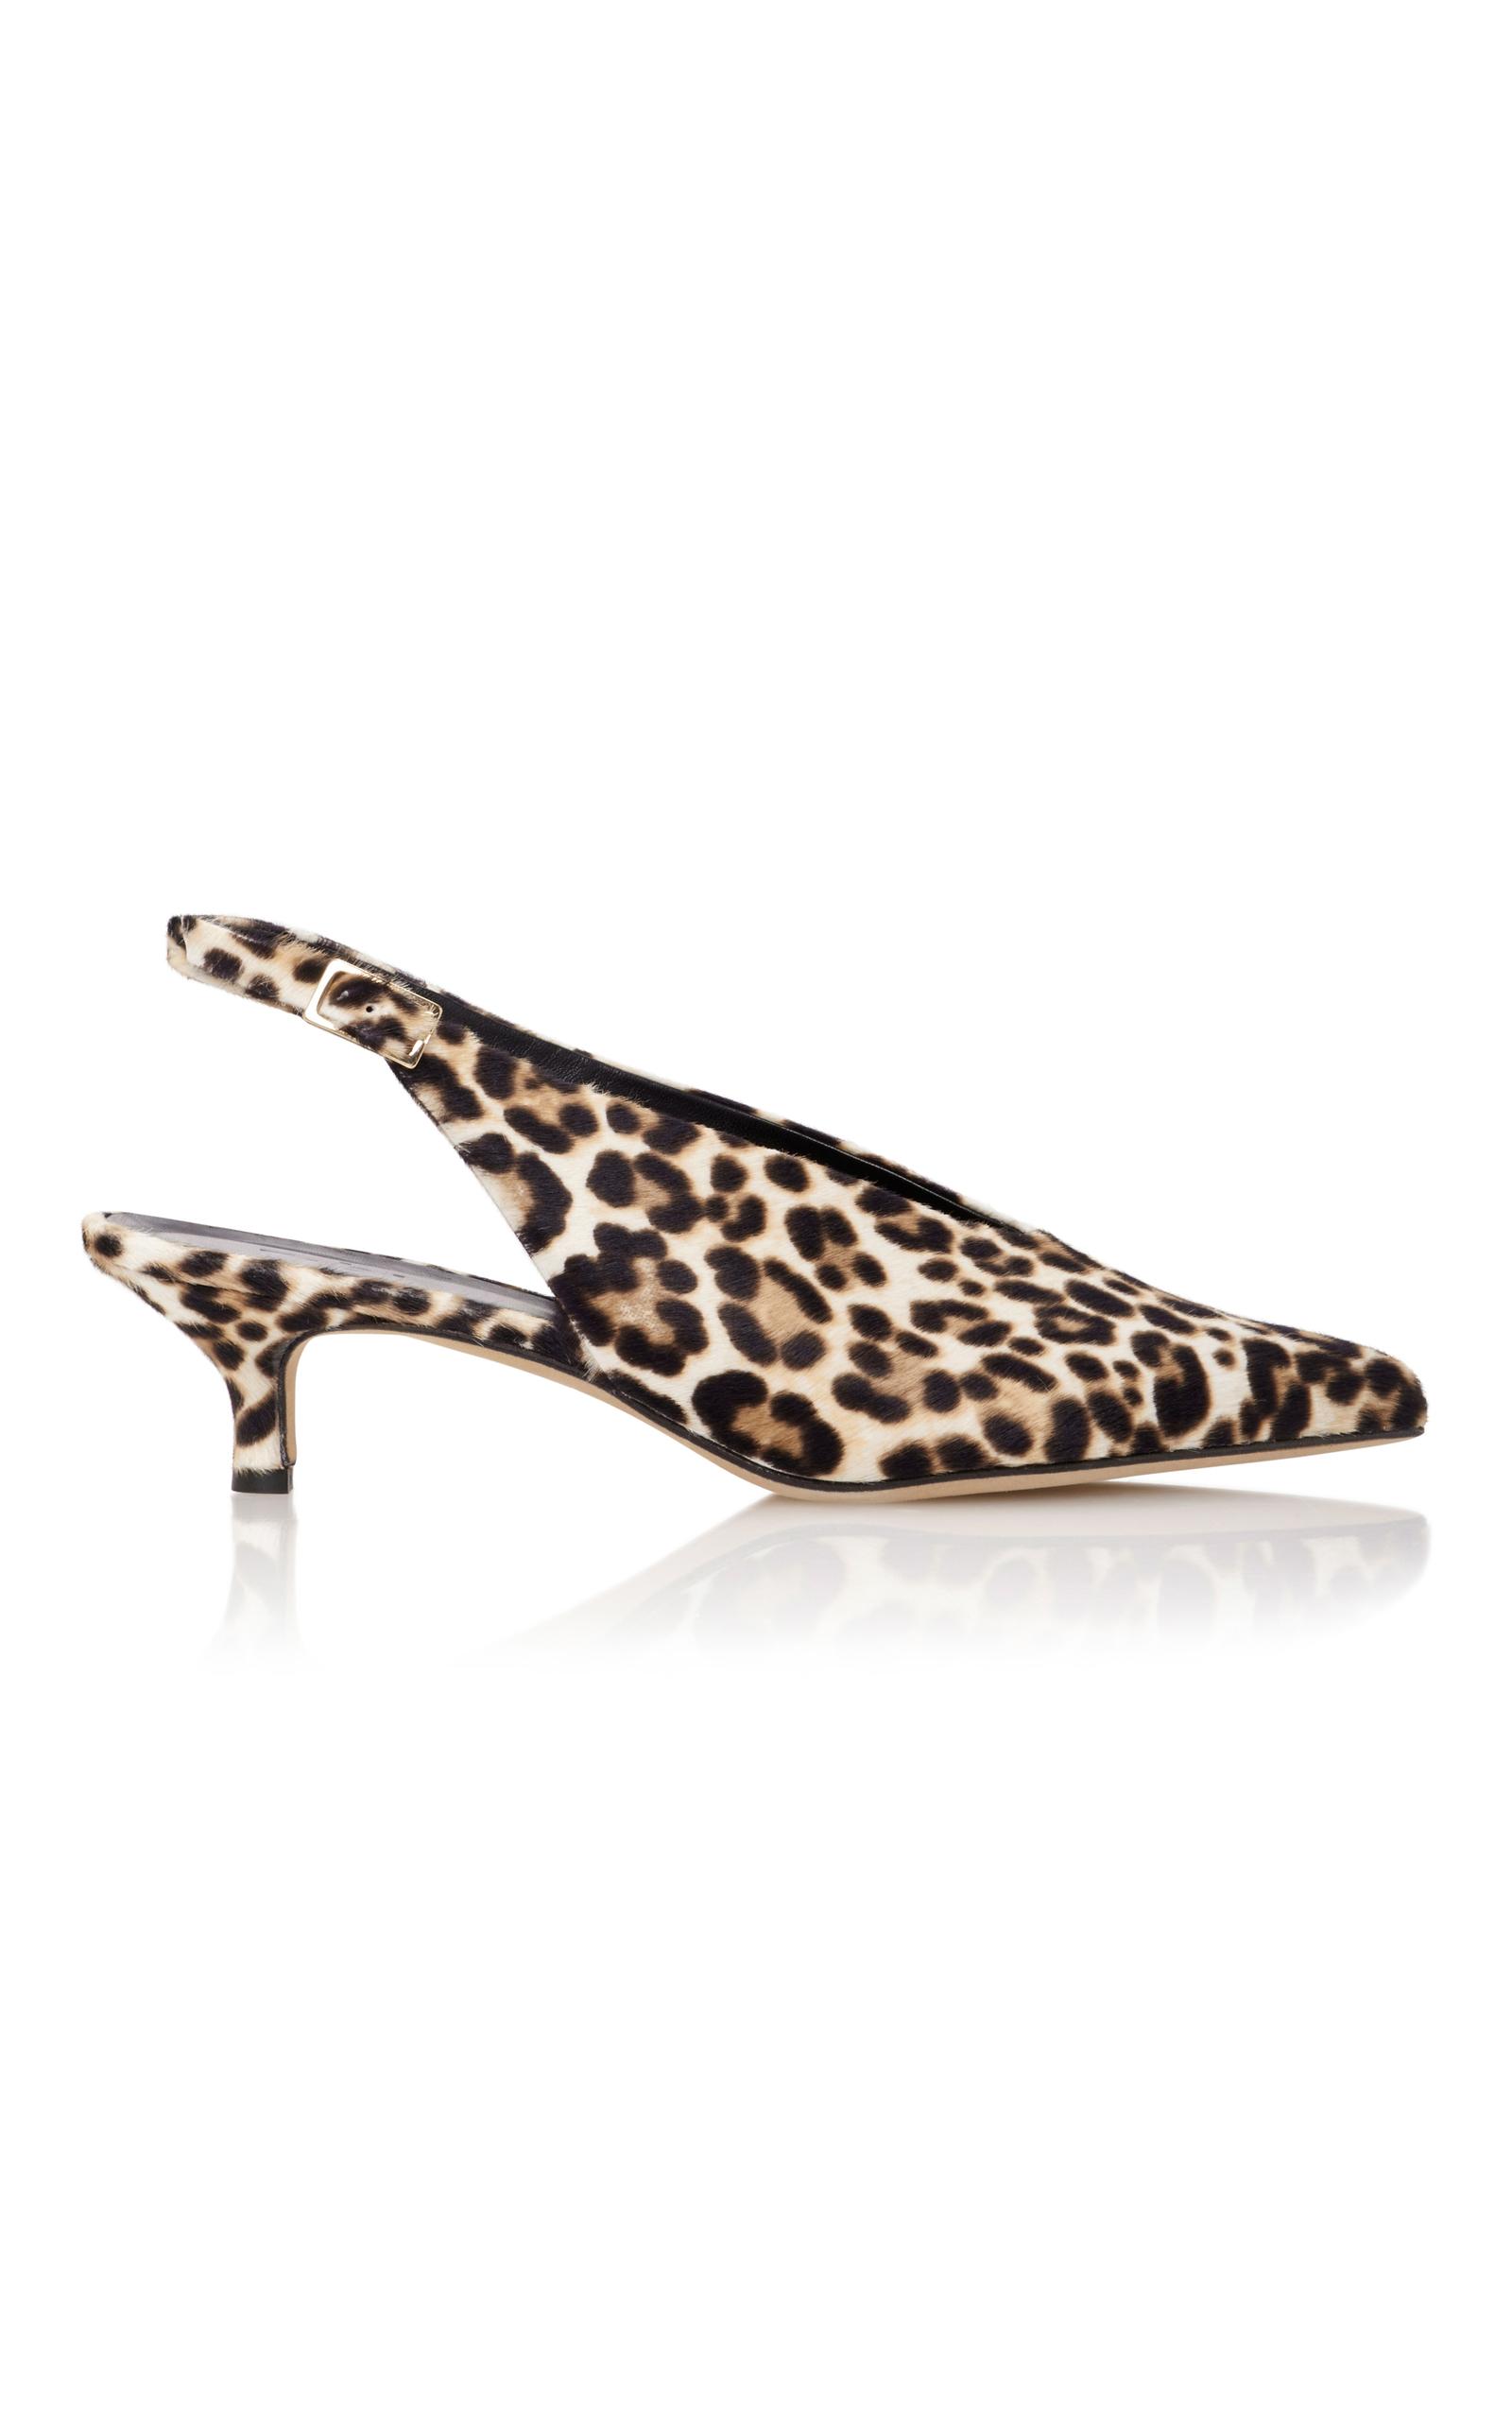 08a469323bc Lia Leopard-Print Calf Hair Slingback Pumps by Tibi